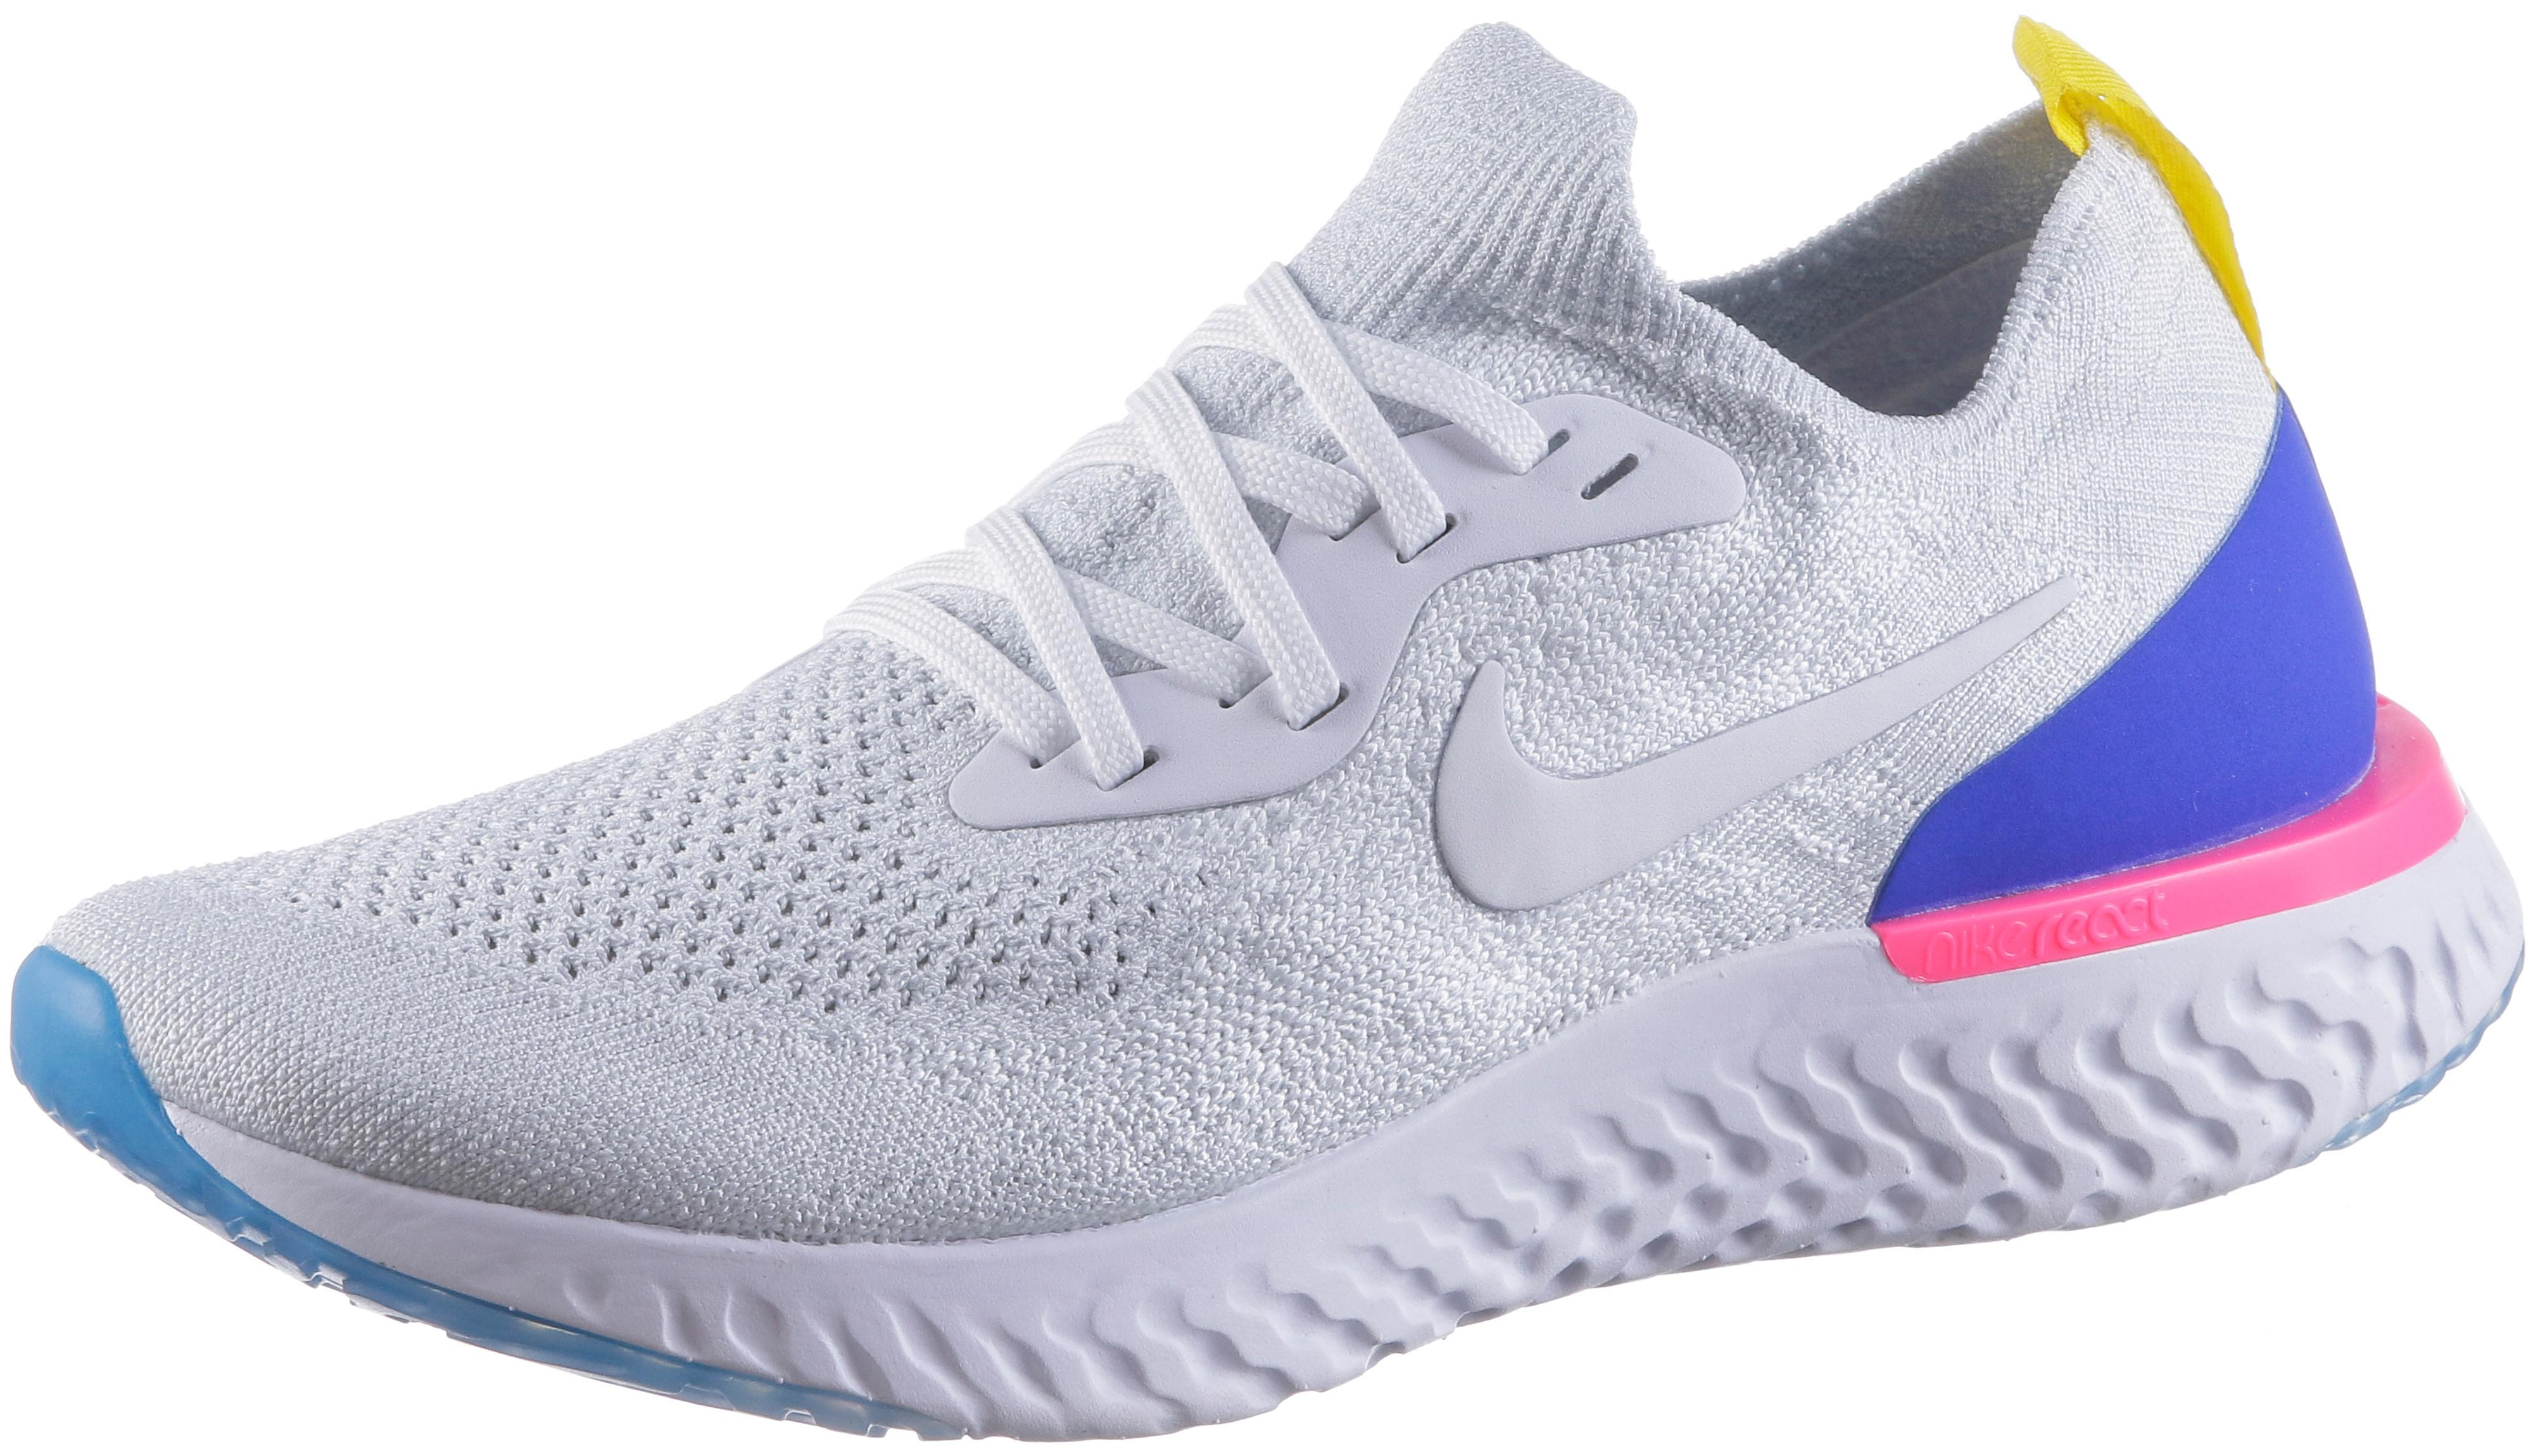 Nike EPIC REACT FLYKNIT Laufschuhe Damen white-white-racer-blue-pink-blast  im Online Shop von SportScheck kaufen